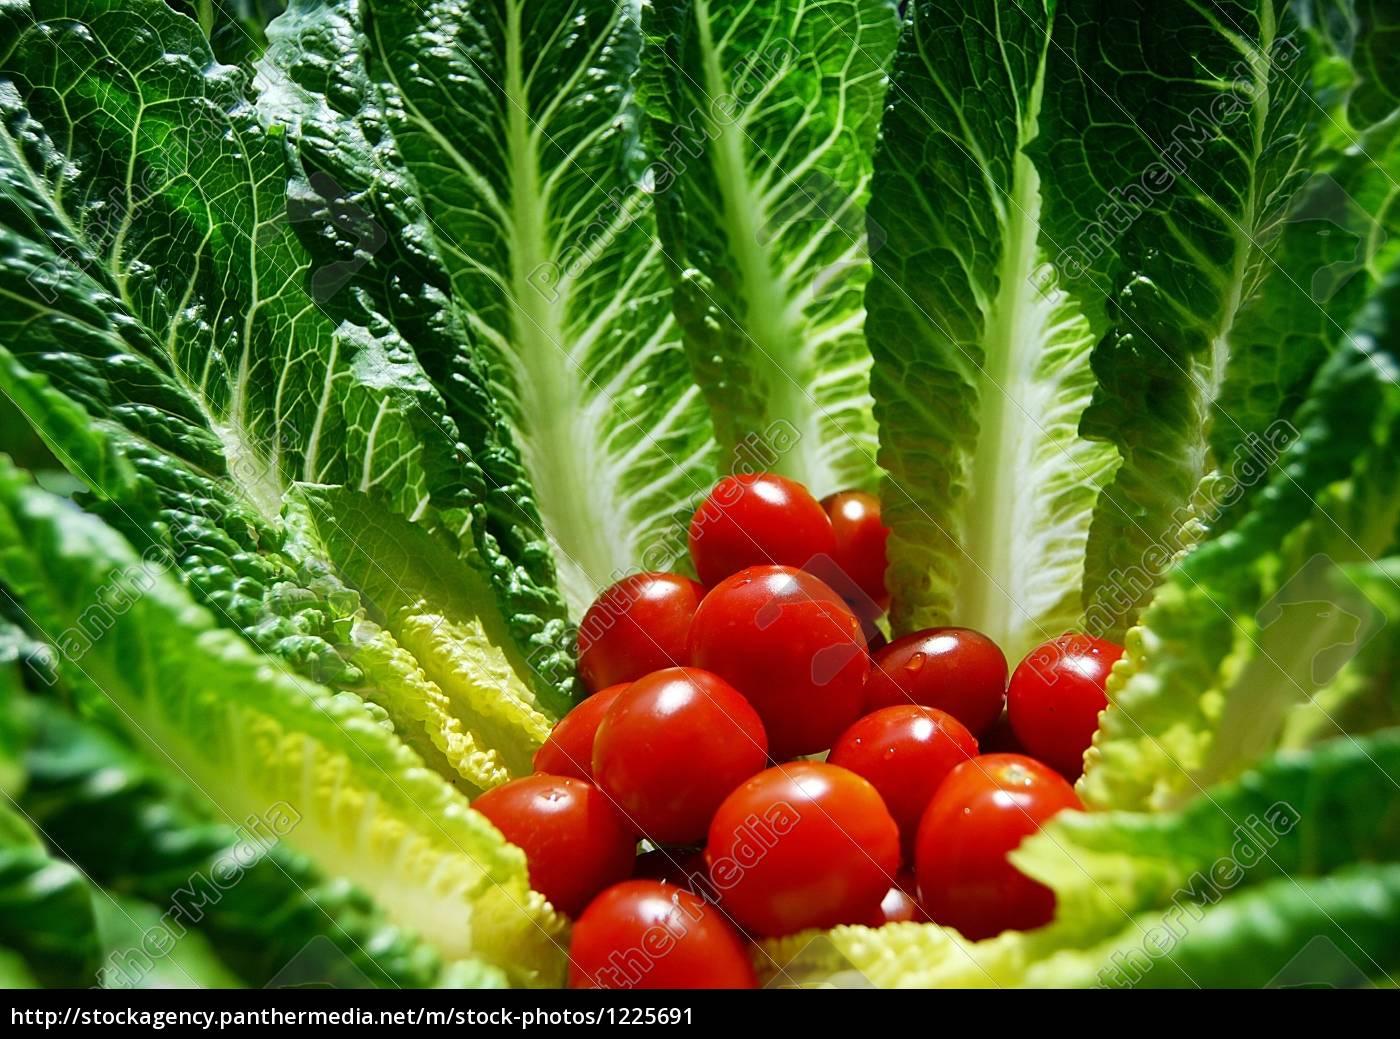 tomato, salad - 1225691